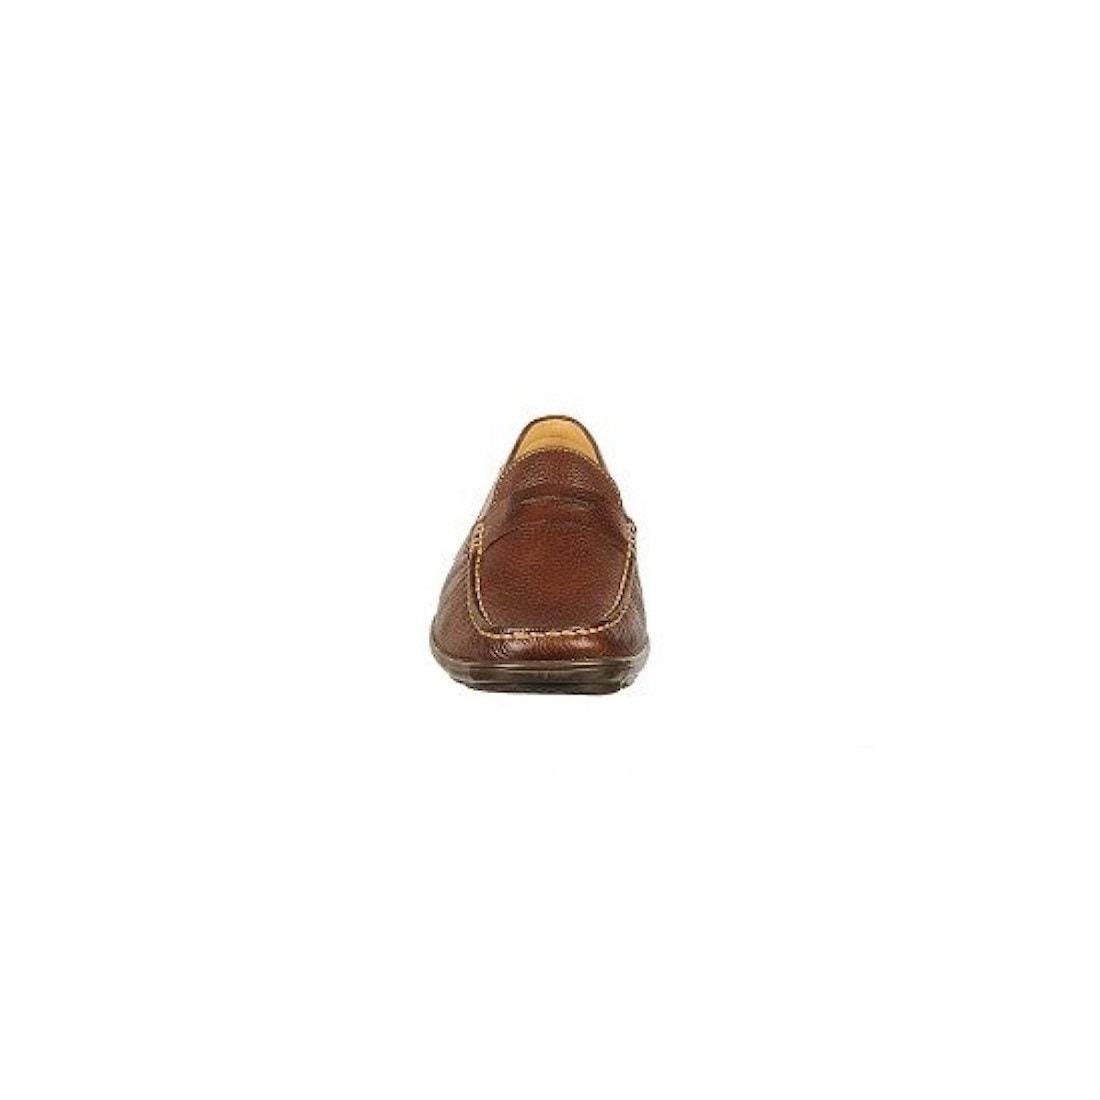 3128a1faf sapato masculino mocassim sandro moscoloni bimini marrom. Carregando zoom.